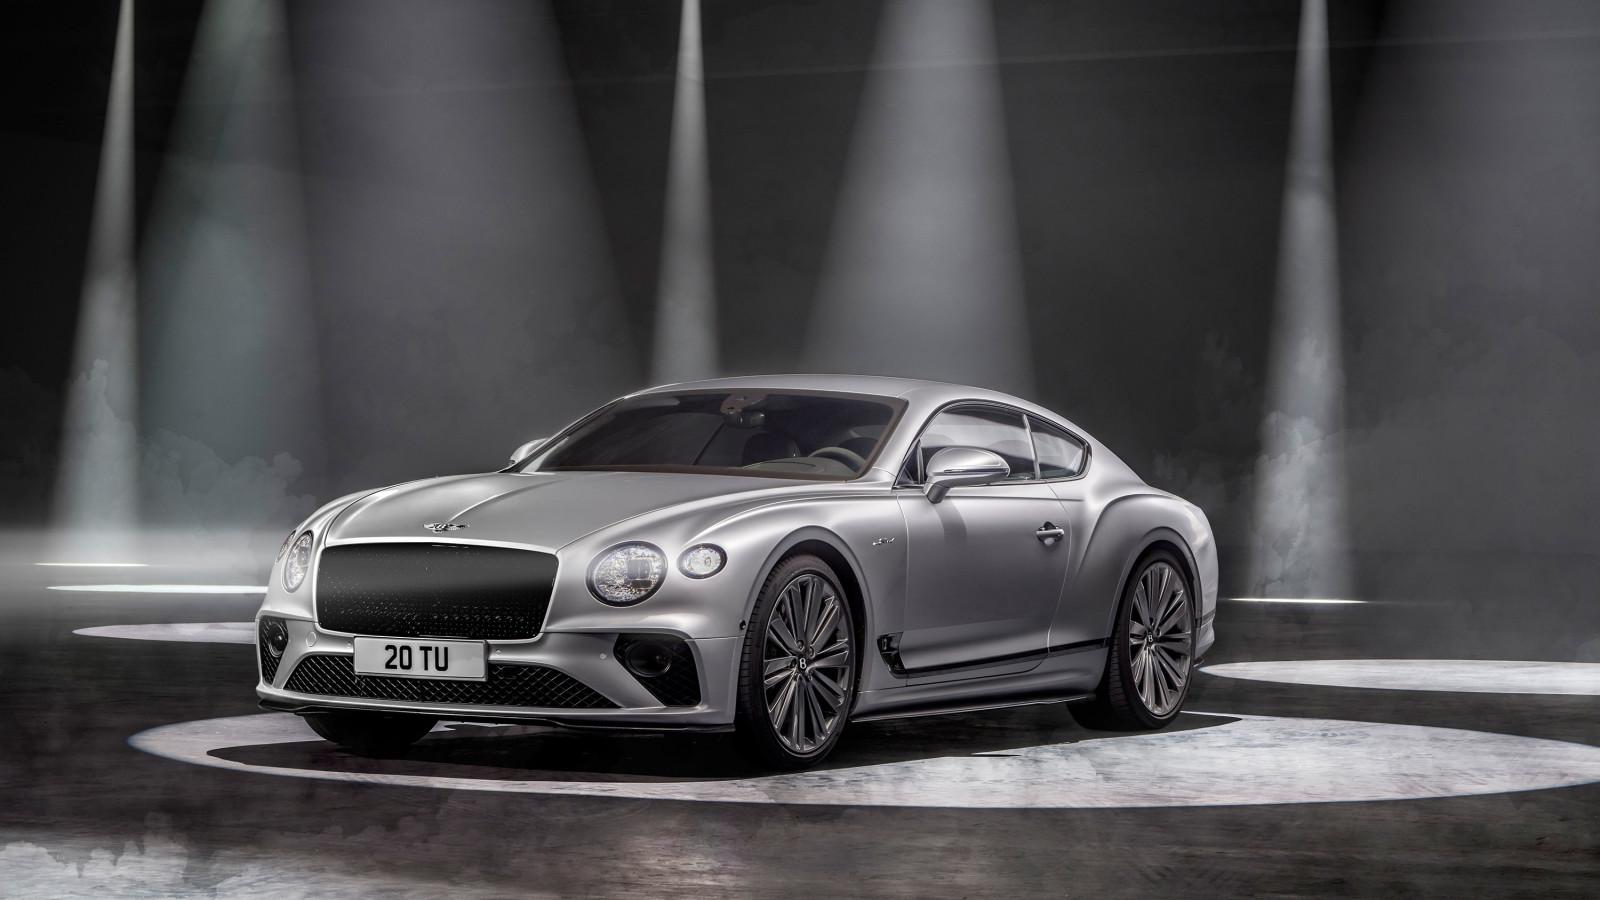 Mit dem Bentley Continental GT Speed stellen die Briten ihr schnellstes Serienmodell vor.